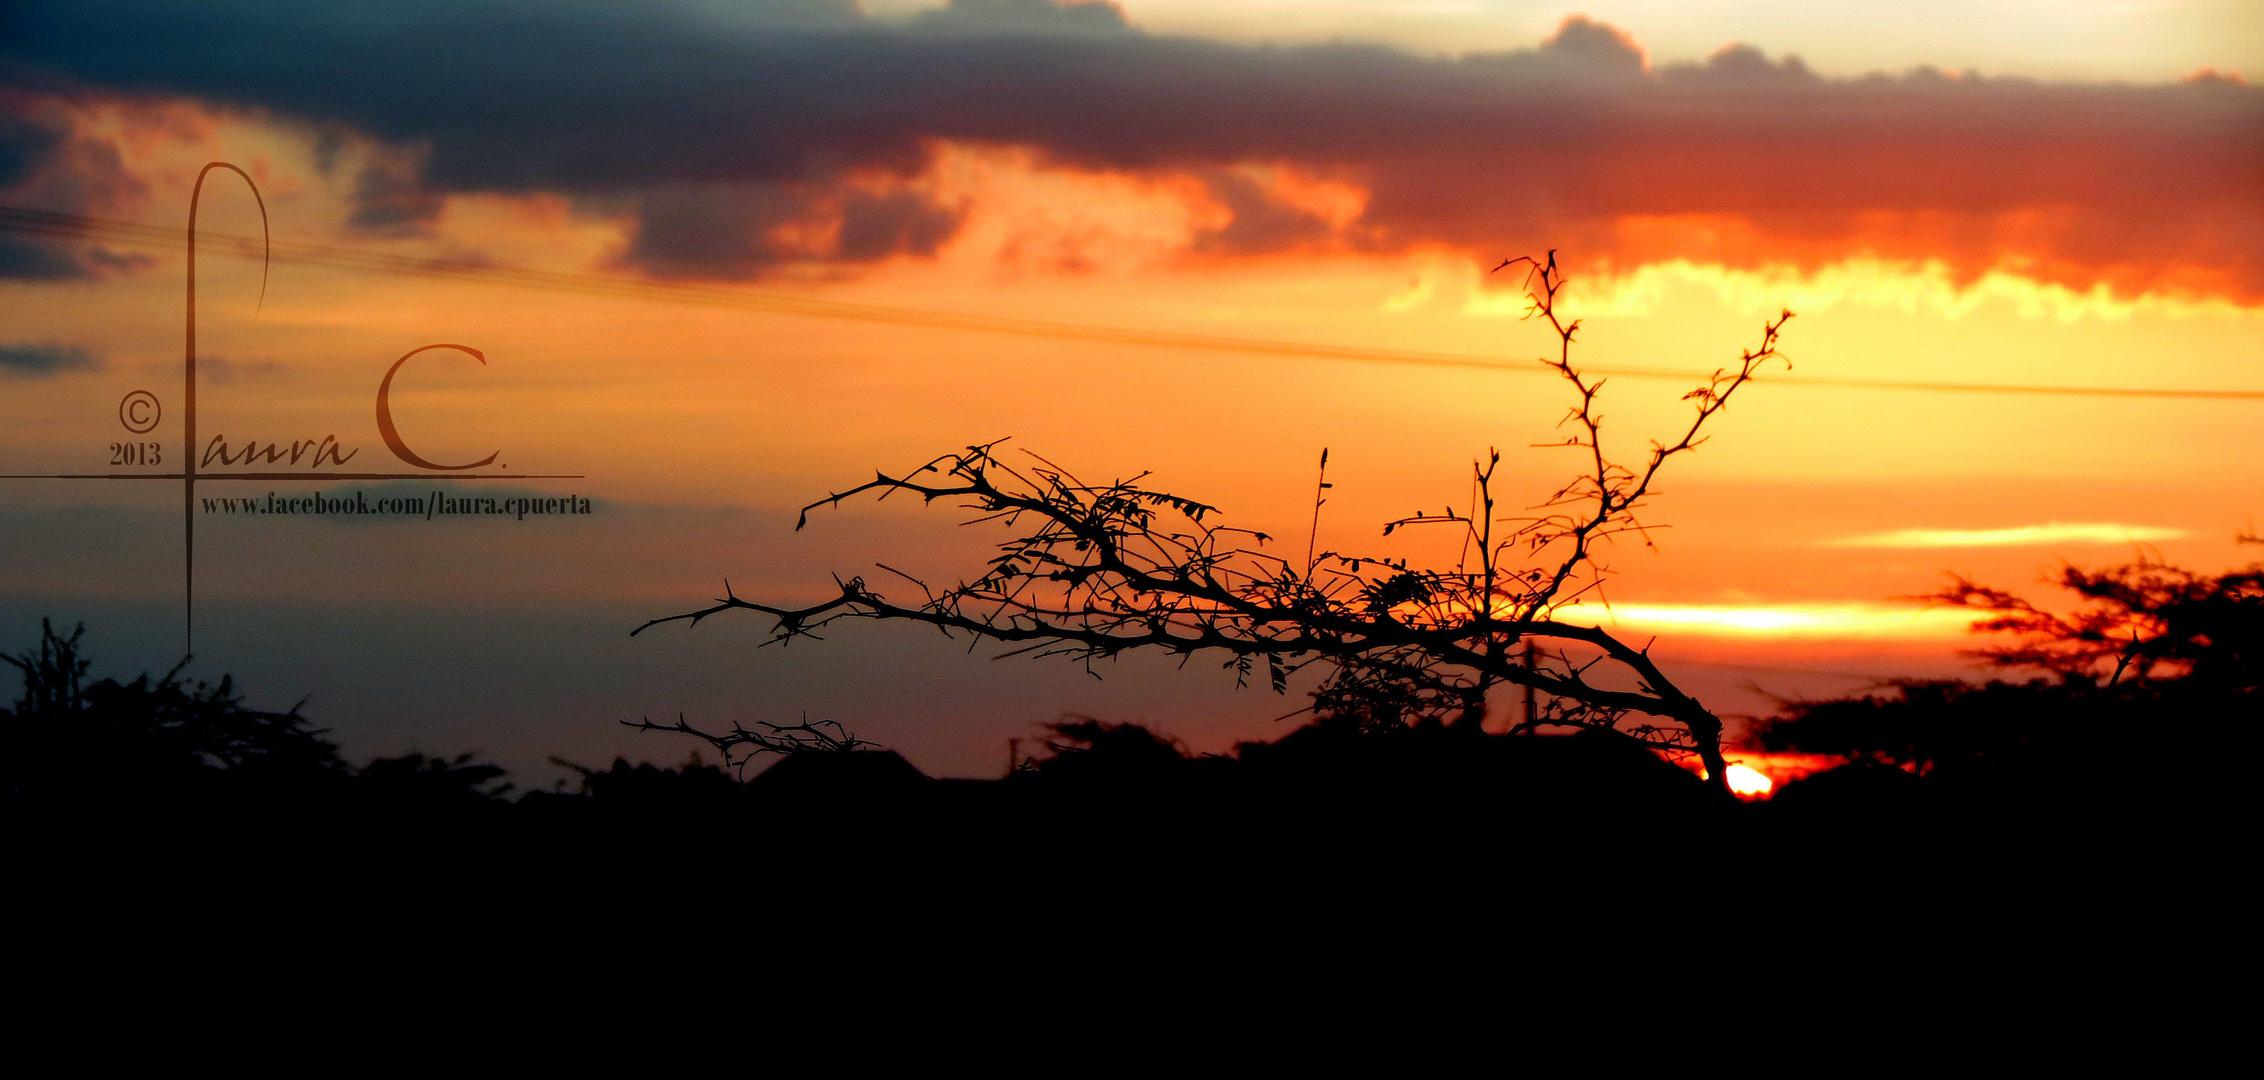 ocaso- sunset